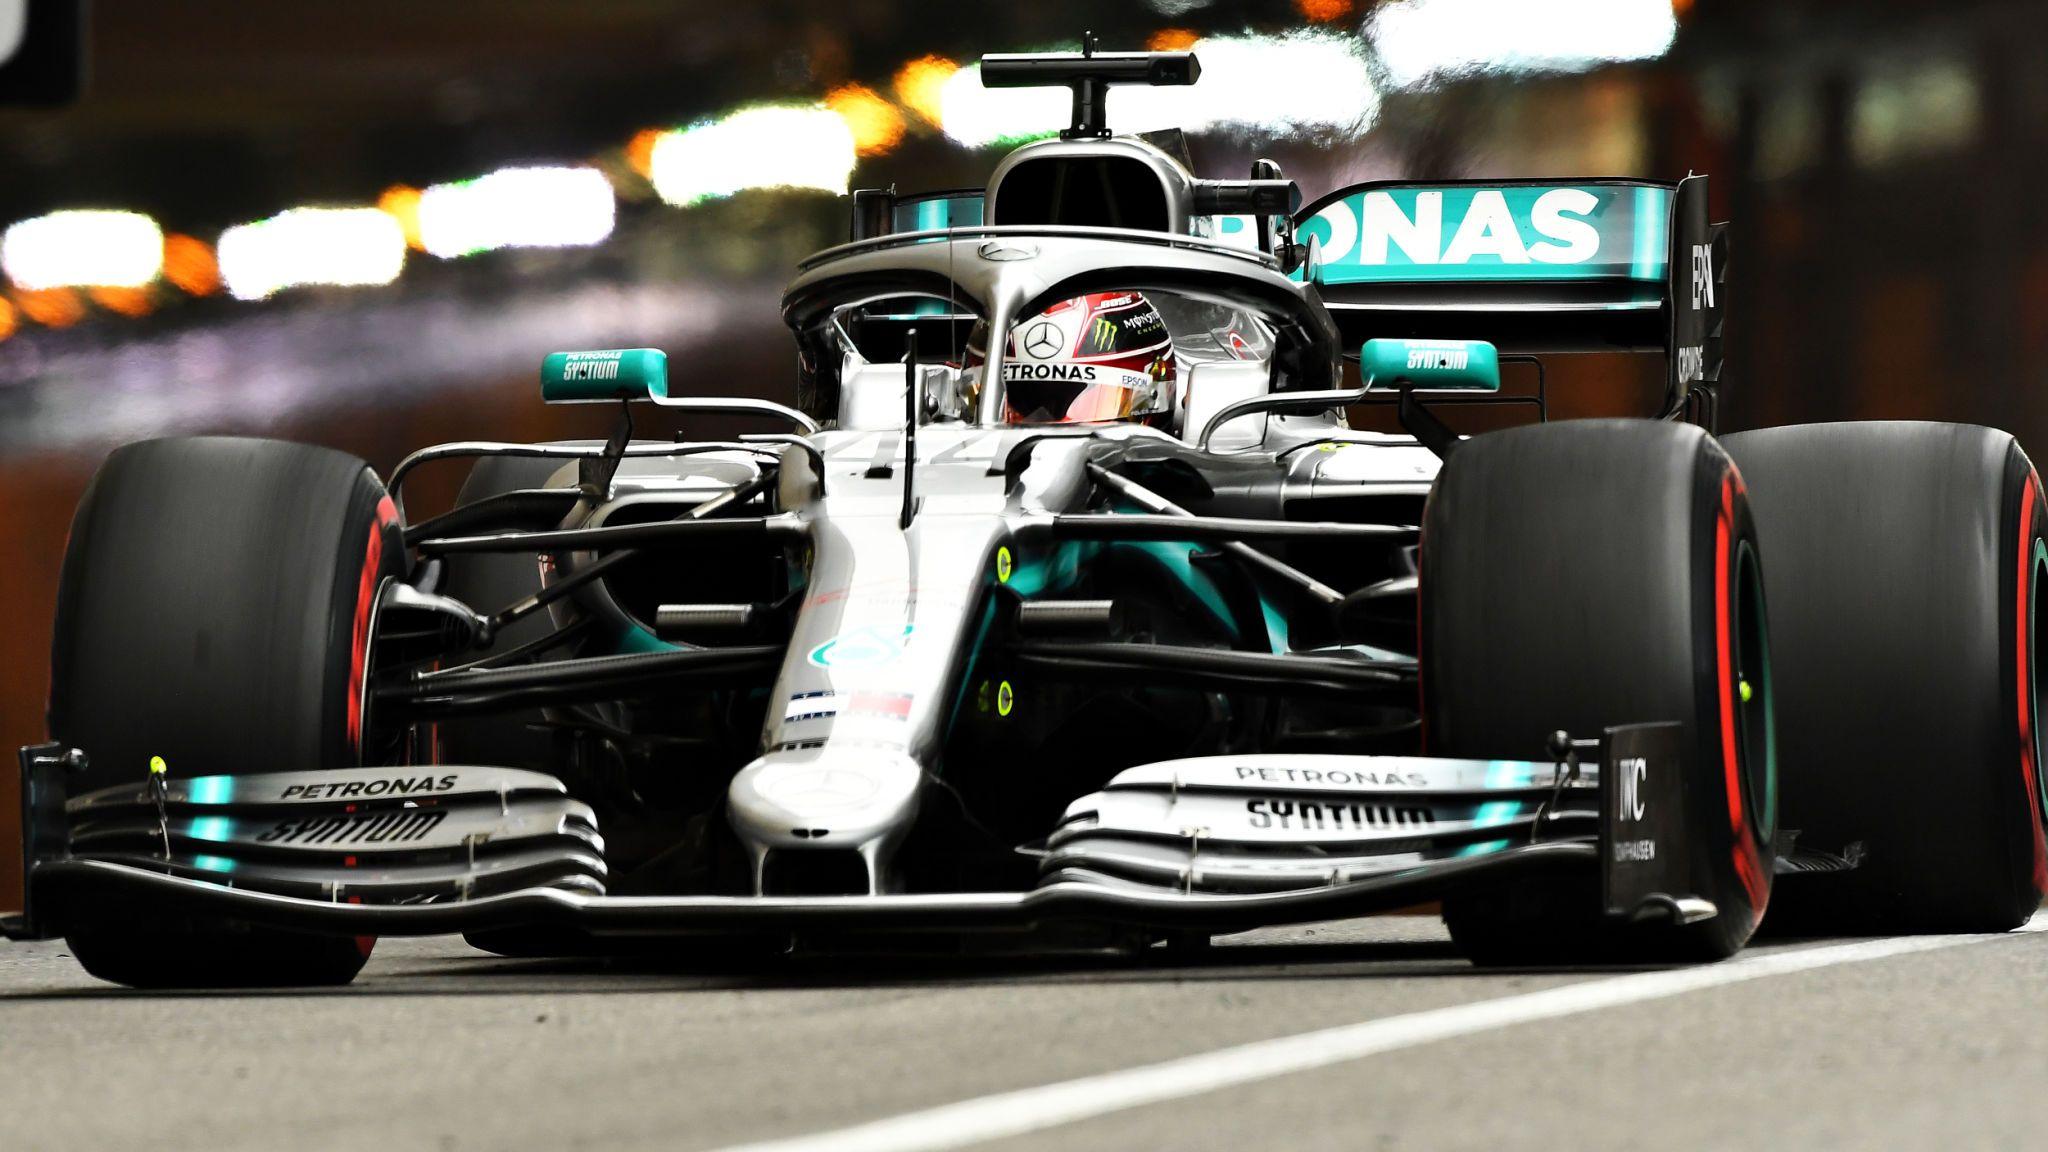 """Hamilton prevede """"una seria battaglia a tre"""" con la Red Bull e la Ferrari nel 2020 - MBenz.it"""